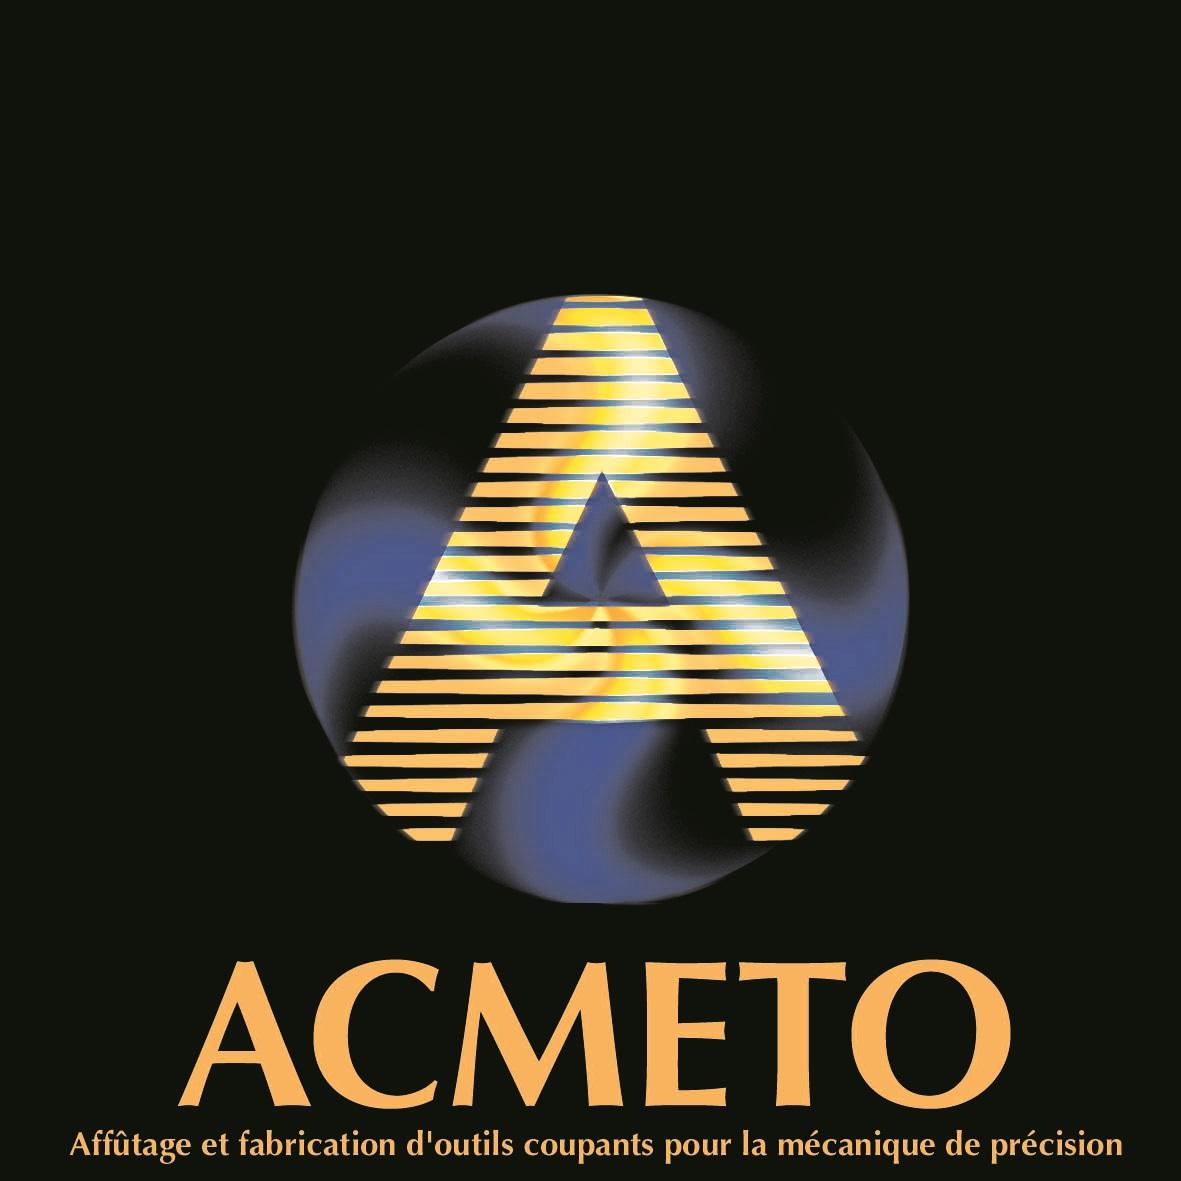 adbfb6031ac ACMETO - MECANIC VALLEE